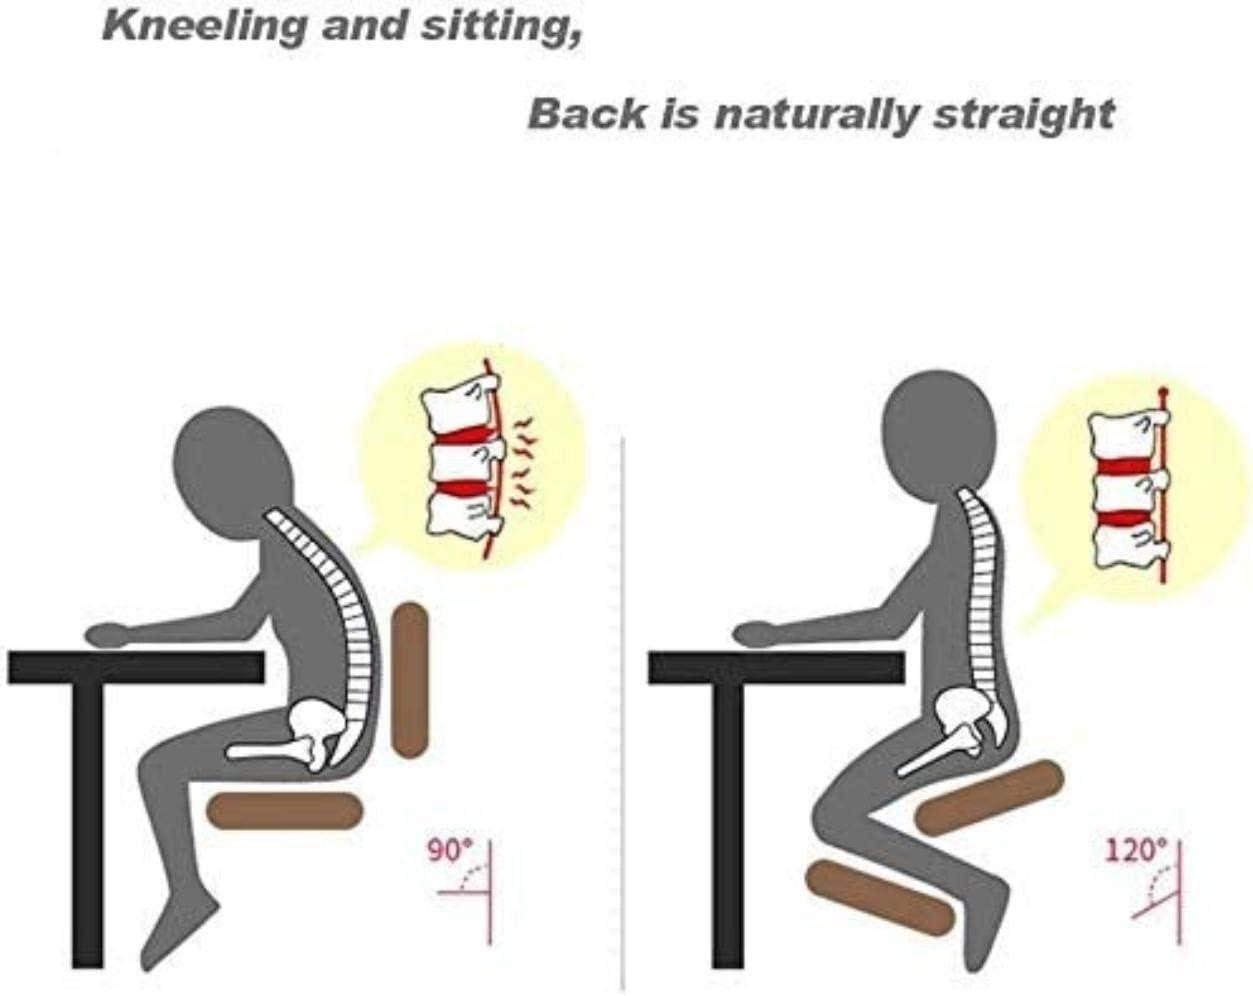 Soft Comfort agenouillé Chaises coton lin Angled Posture Seat Correction Kneel Tabouret en bois massif Chaise de bureau Chaise à genoux (Color : Green) Brown